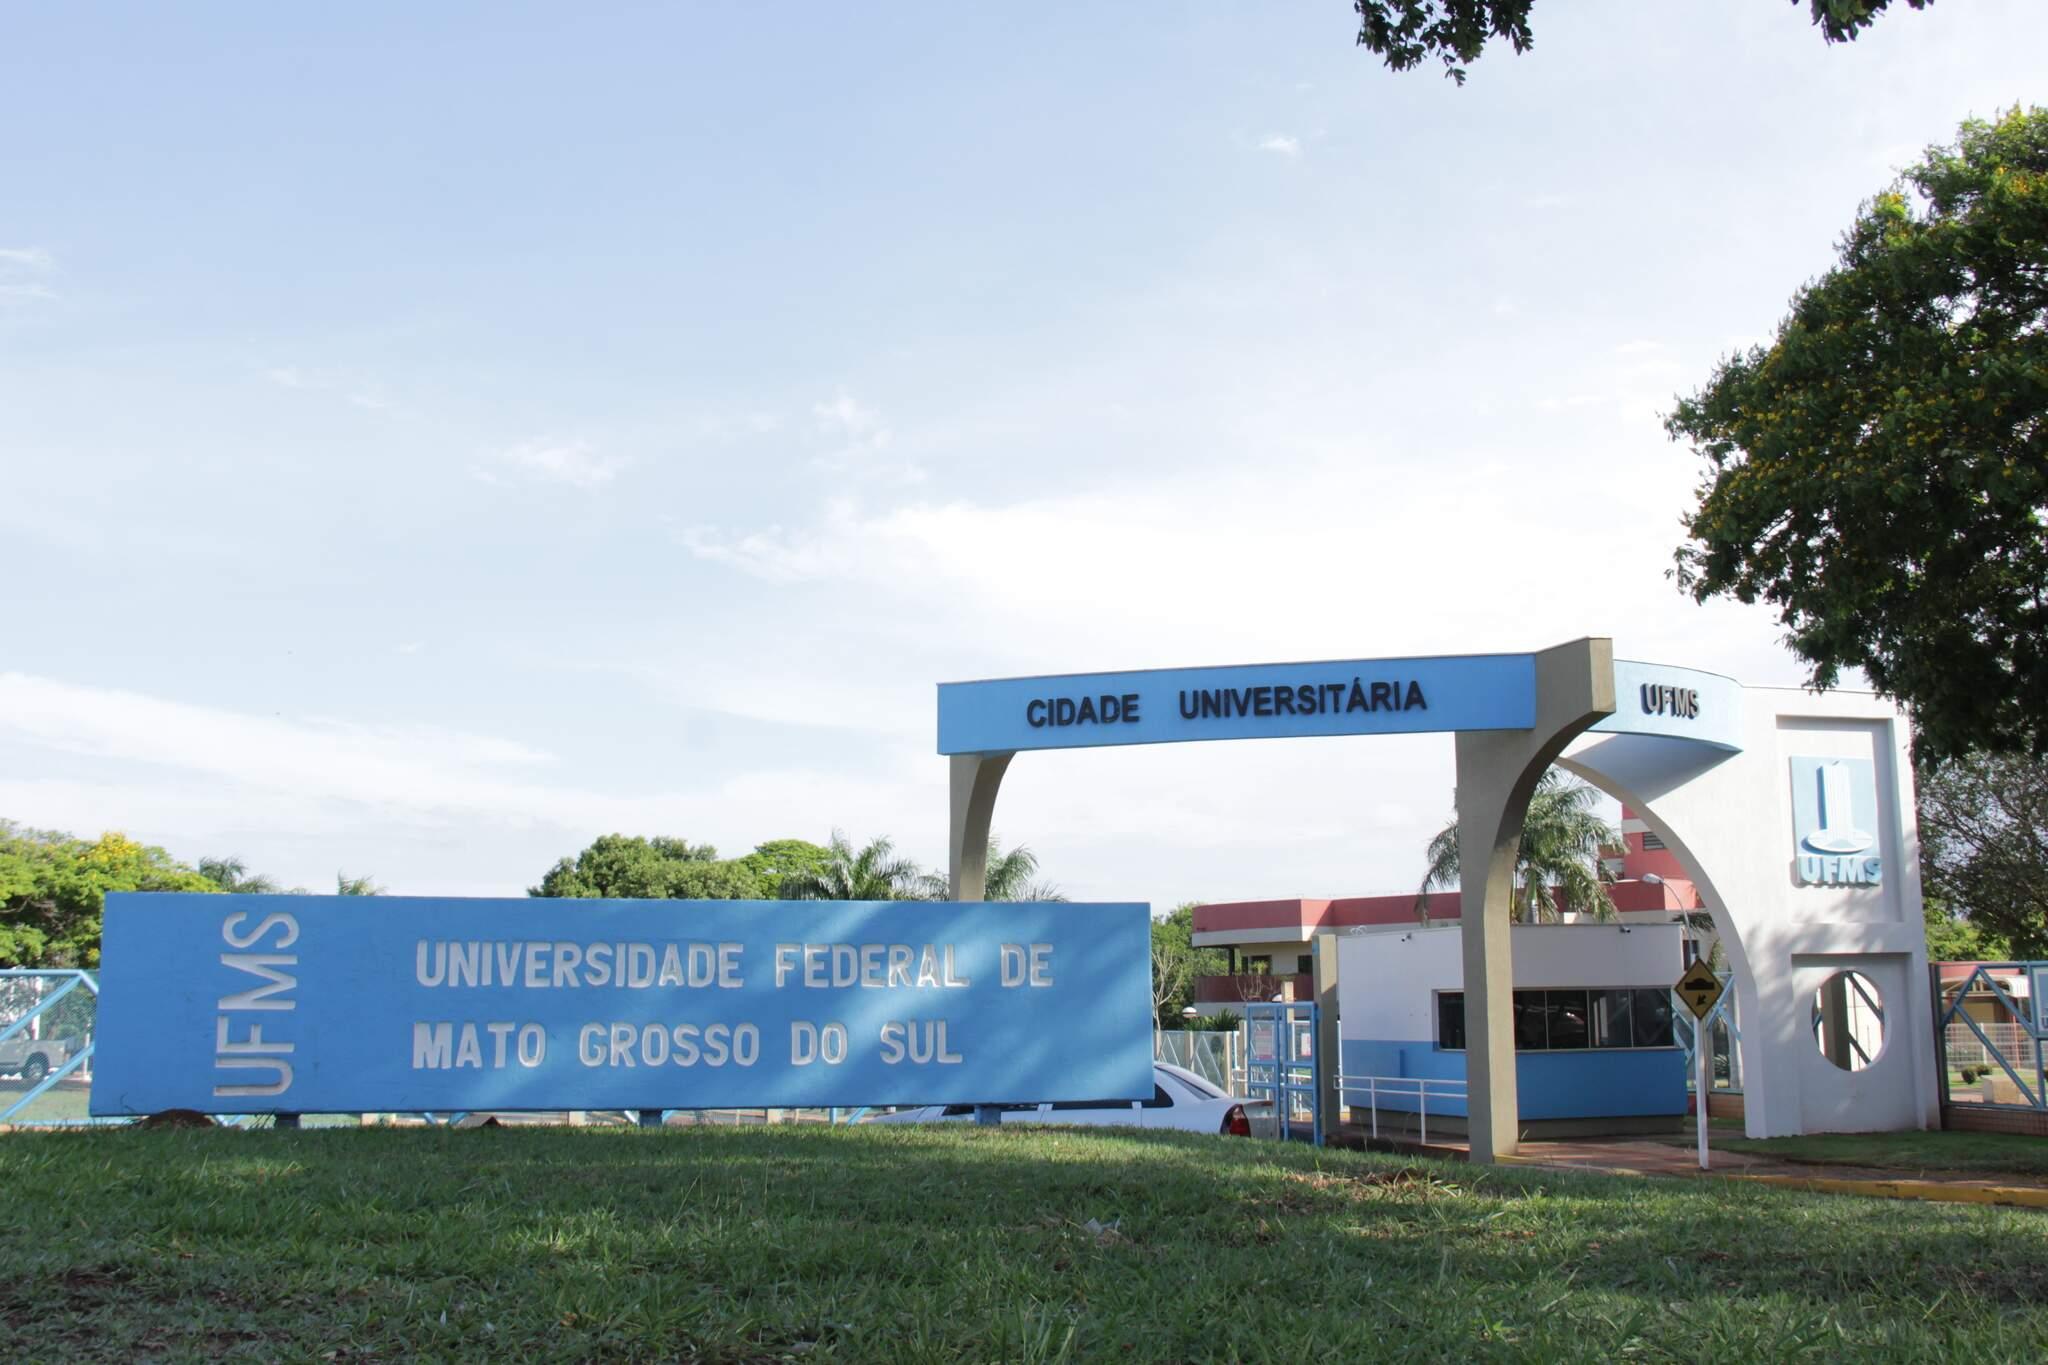 Entrada do campus da UFMS em Campo Grande. (Foto: Kísie Ainoã)